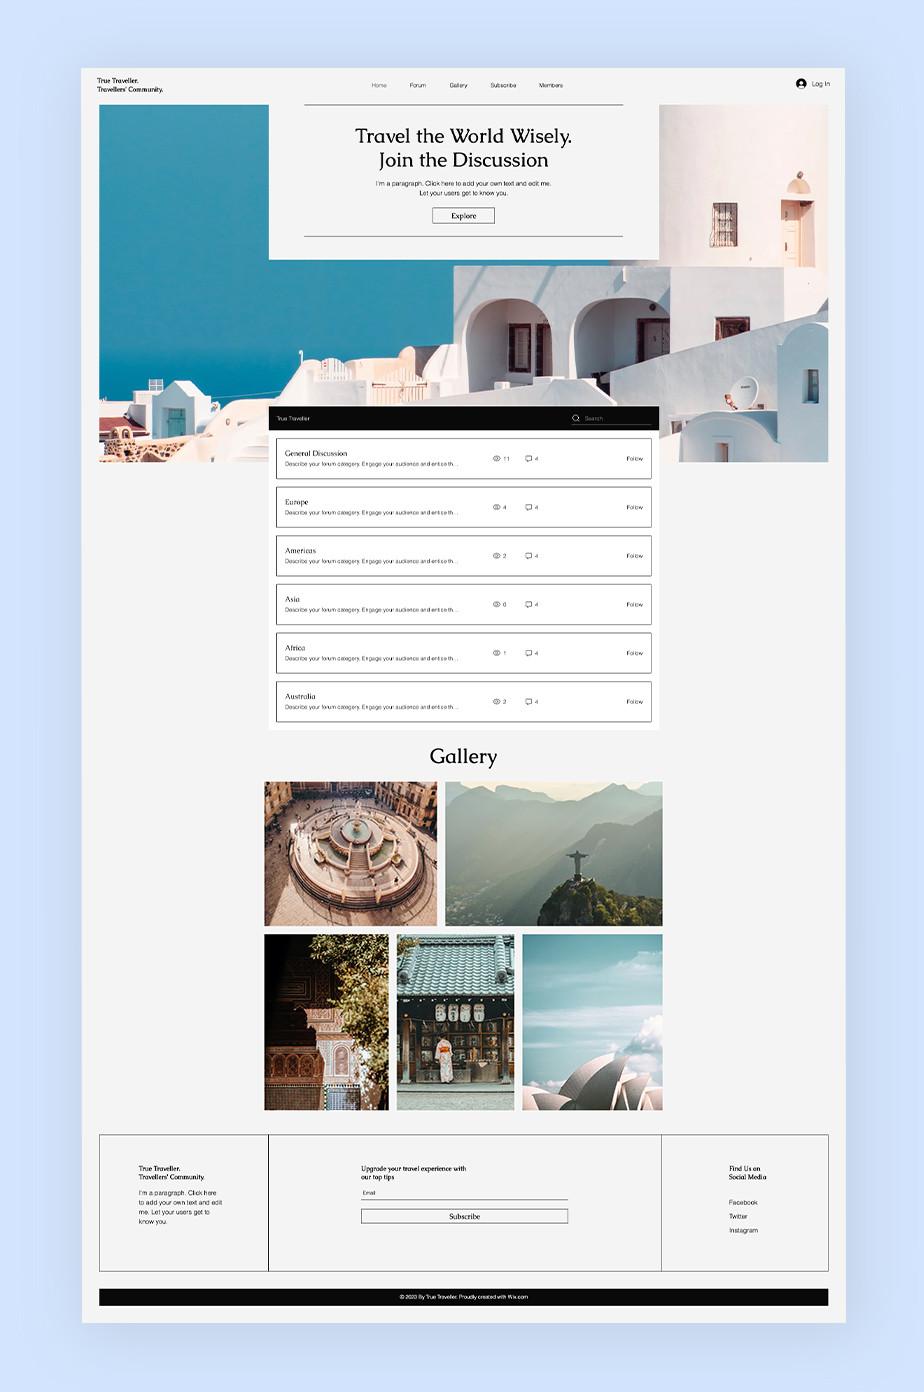 그리스 산토리니의 풍경을 담고 있는 여행 게시판 웹사이트 이미지